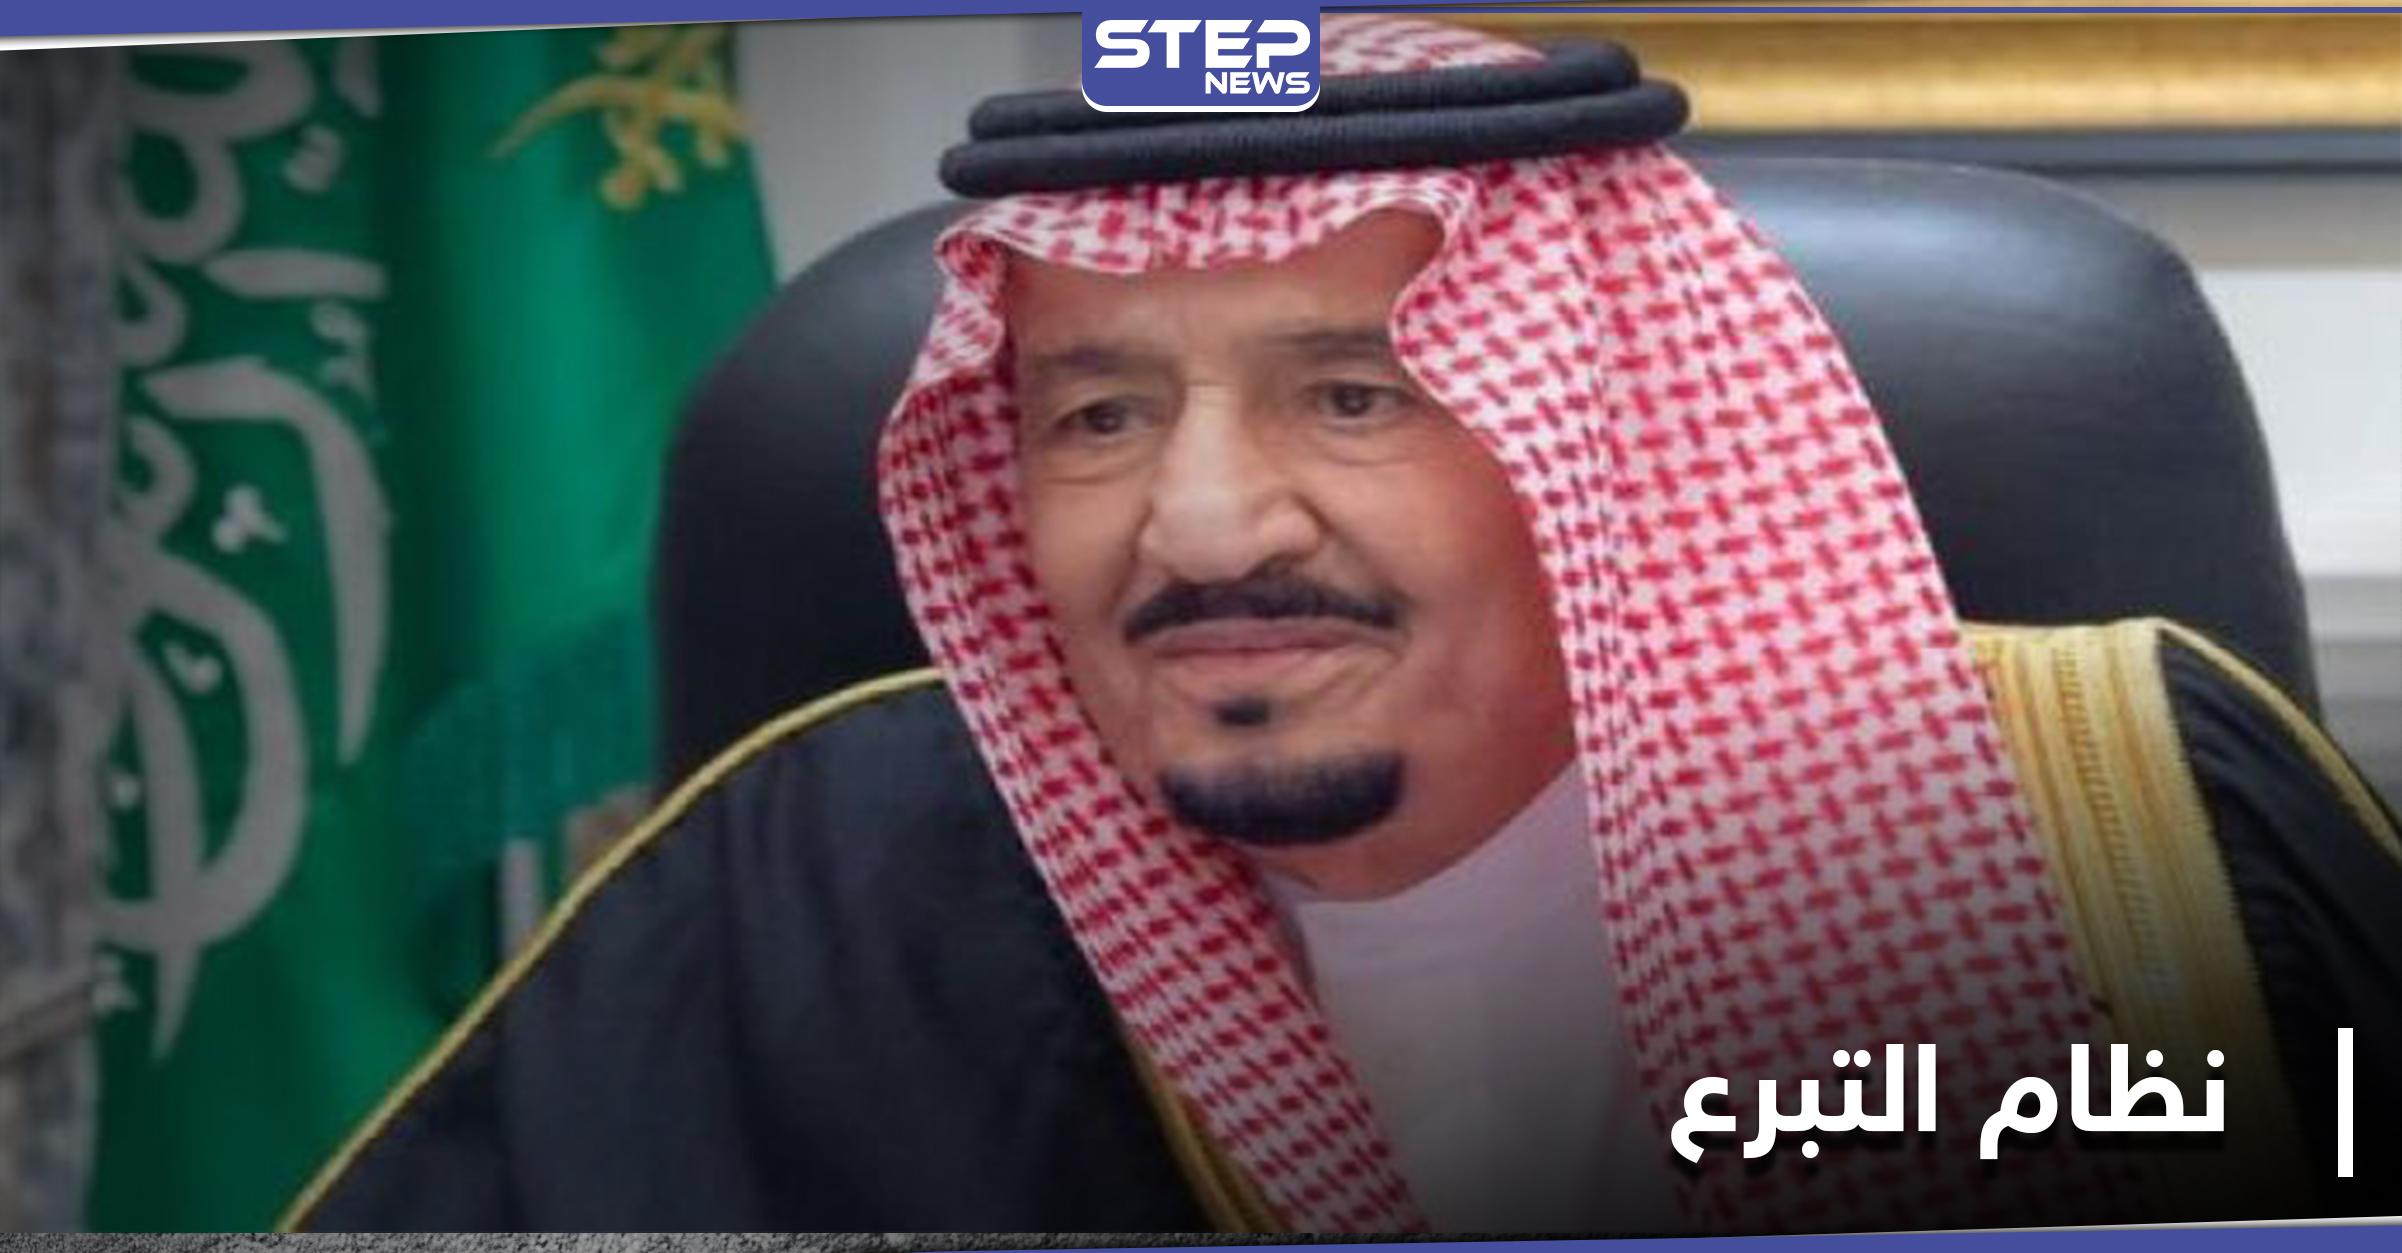 السعودية توافق على نظام التبرع بالأعضاء البشرية... وعقوبات رادعة لمخالفيه تصل للسجن والغرامة